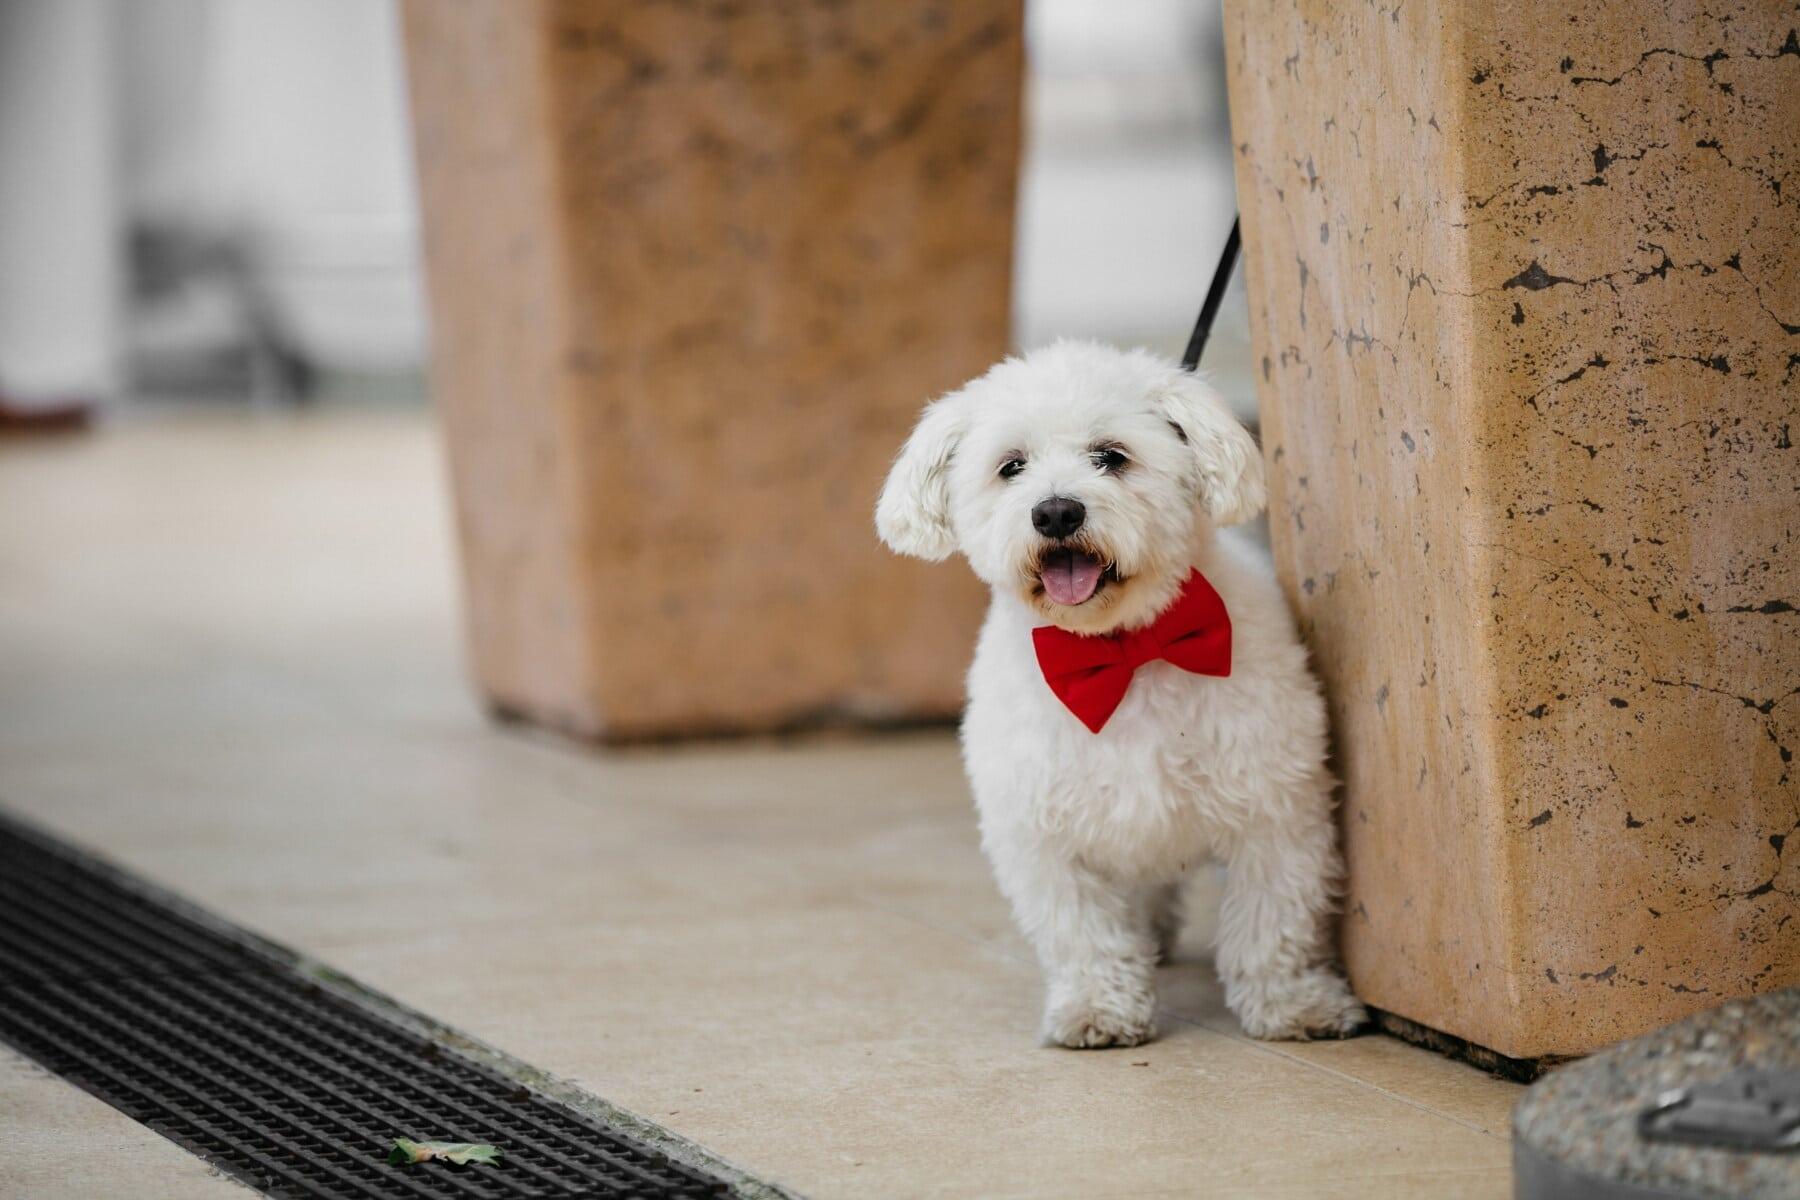 nœud papillon, rouge, mignon, adorable, chien, portrait, chiot, canine, animal de compagnie, à l'intérieur